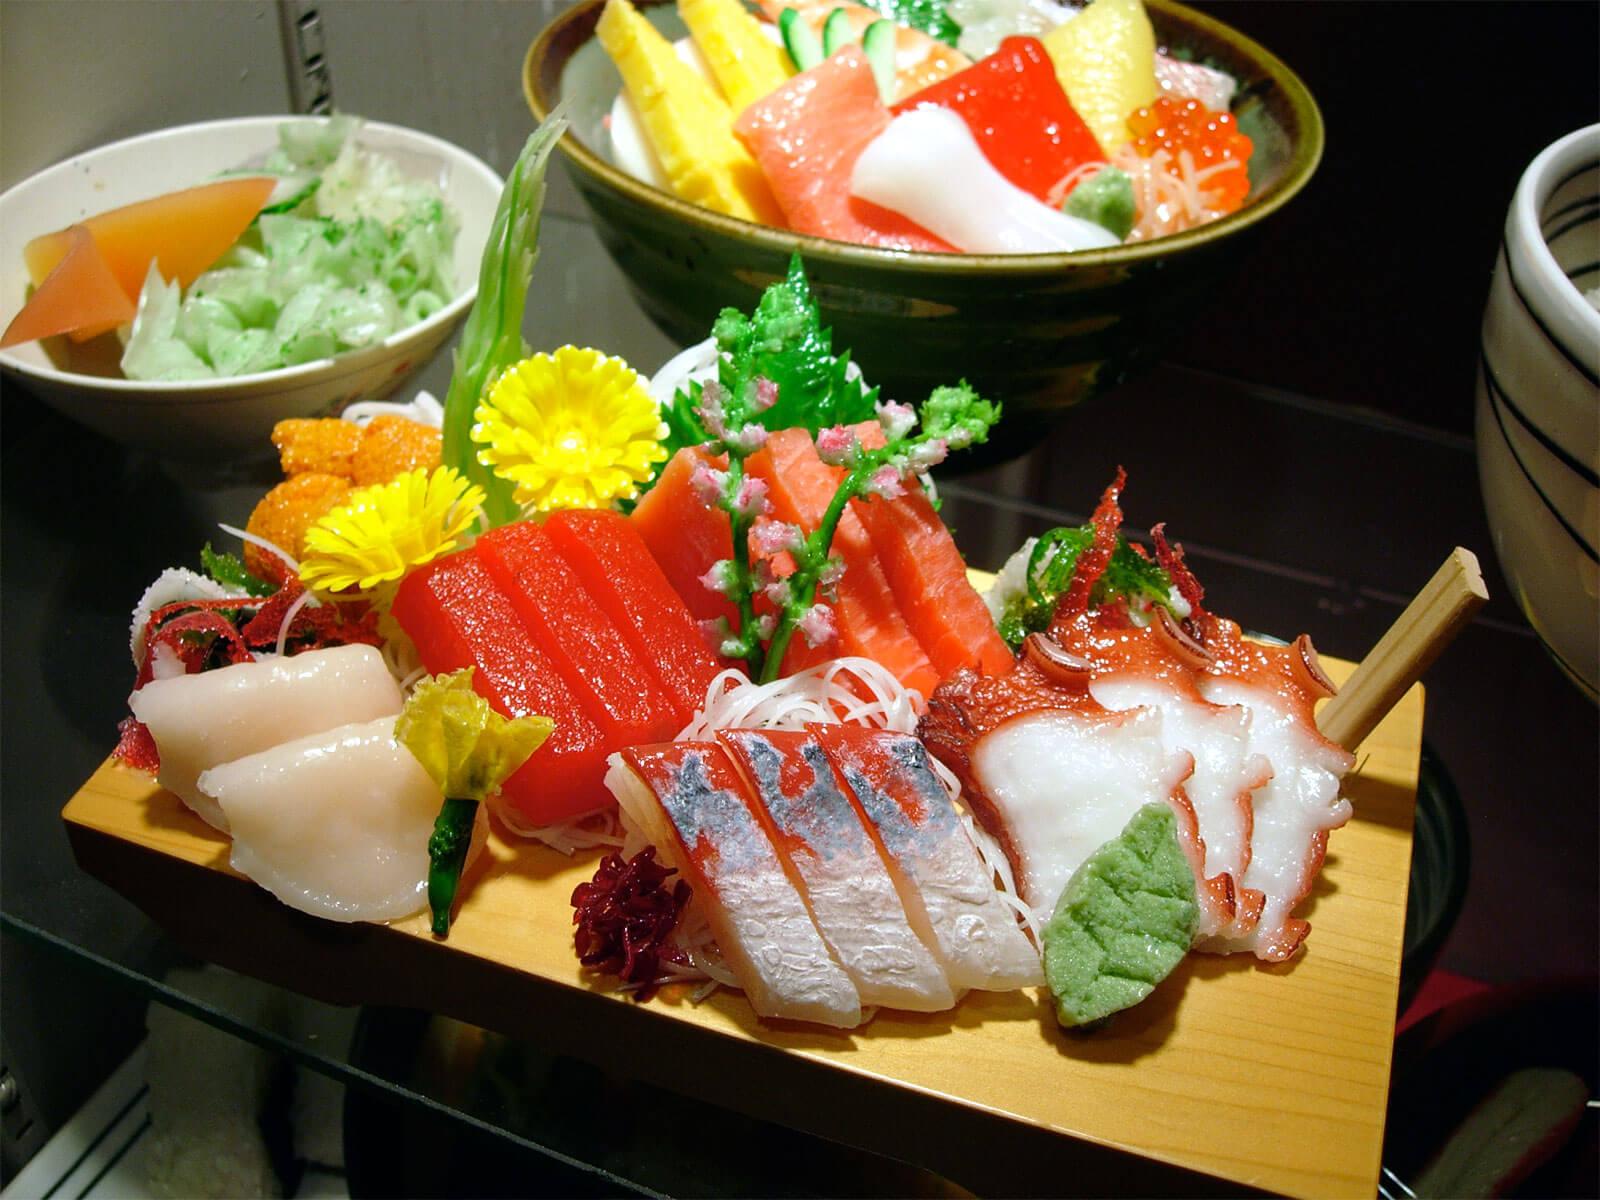 יציאה למסעדות ביפן? – 13 דברים שרצוי מאוד לדעת כי חבל על אי נעימות :)